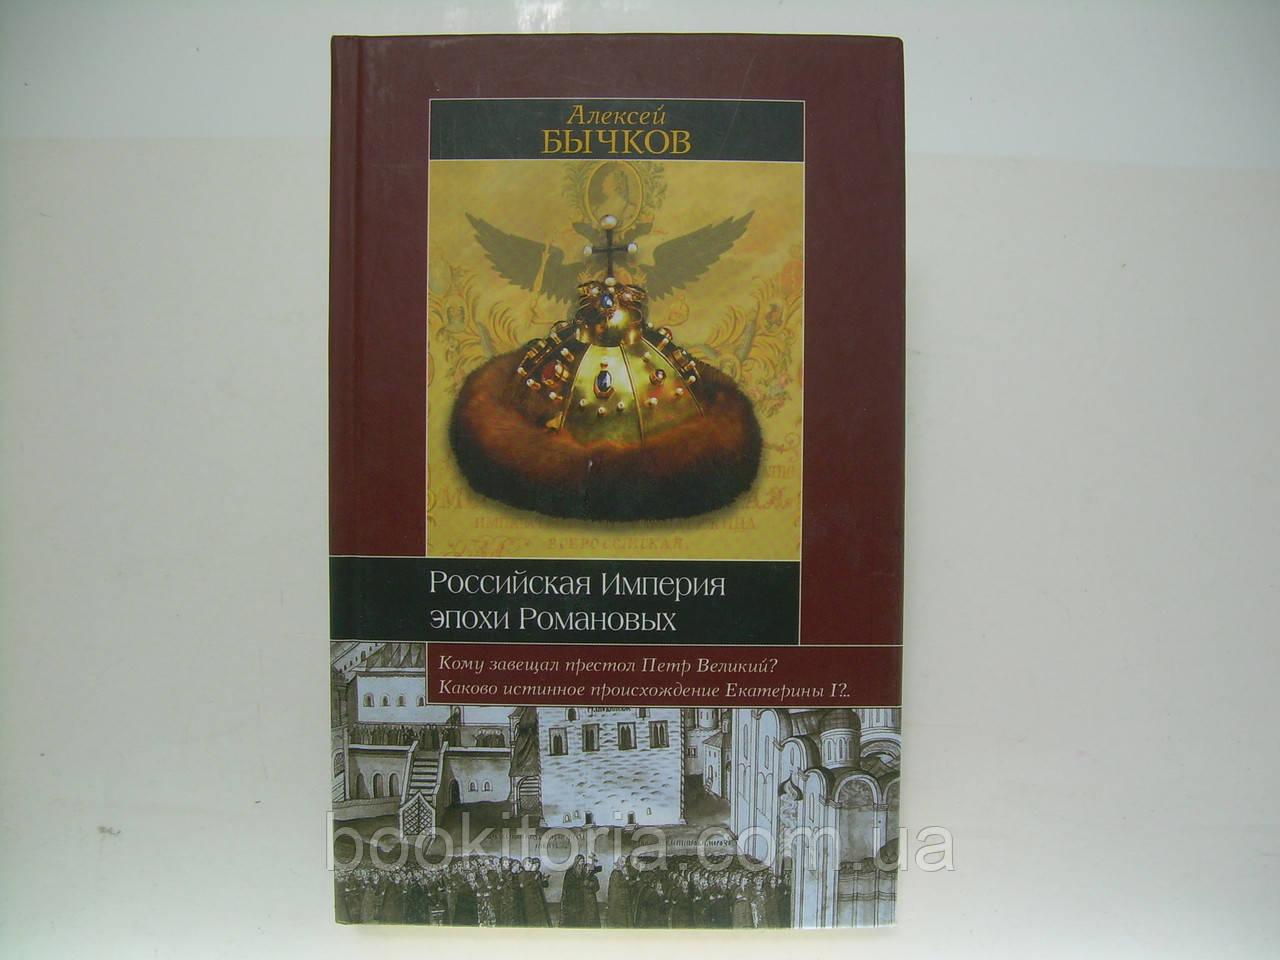 Бычков А. Российская империя эпохи Романовых (б/у).